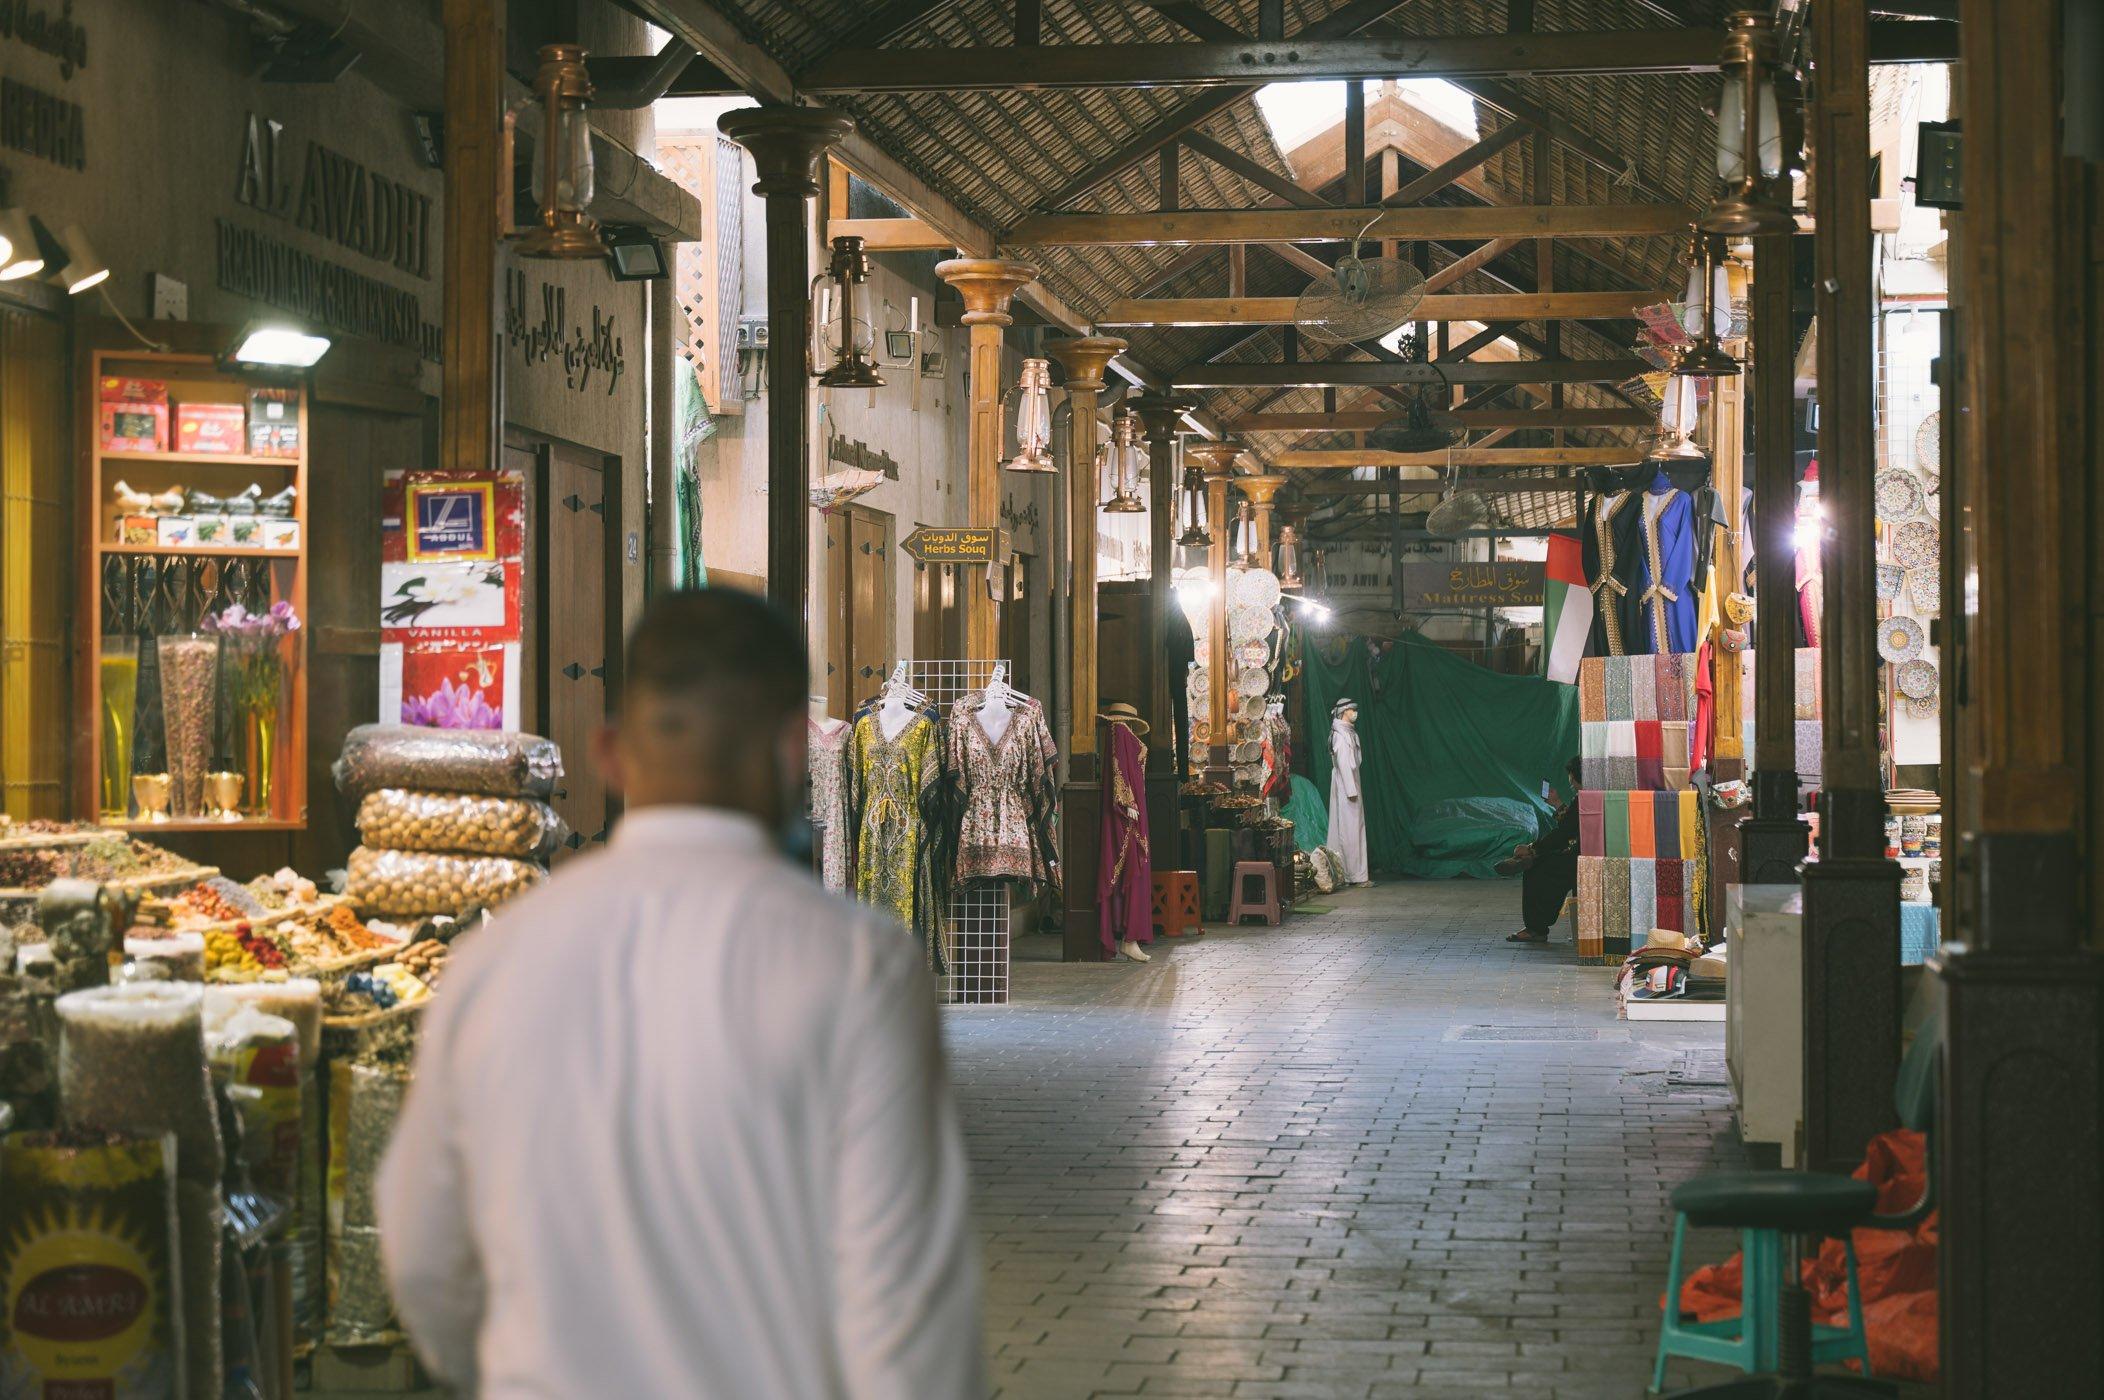 Quiet scene at the souk of Dubai